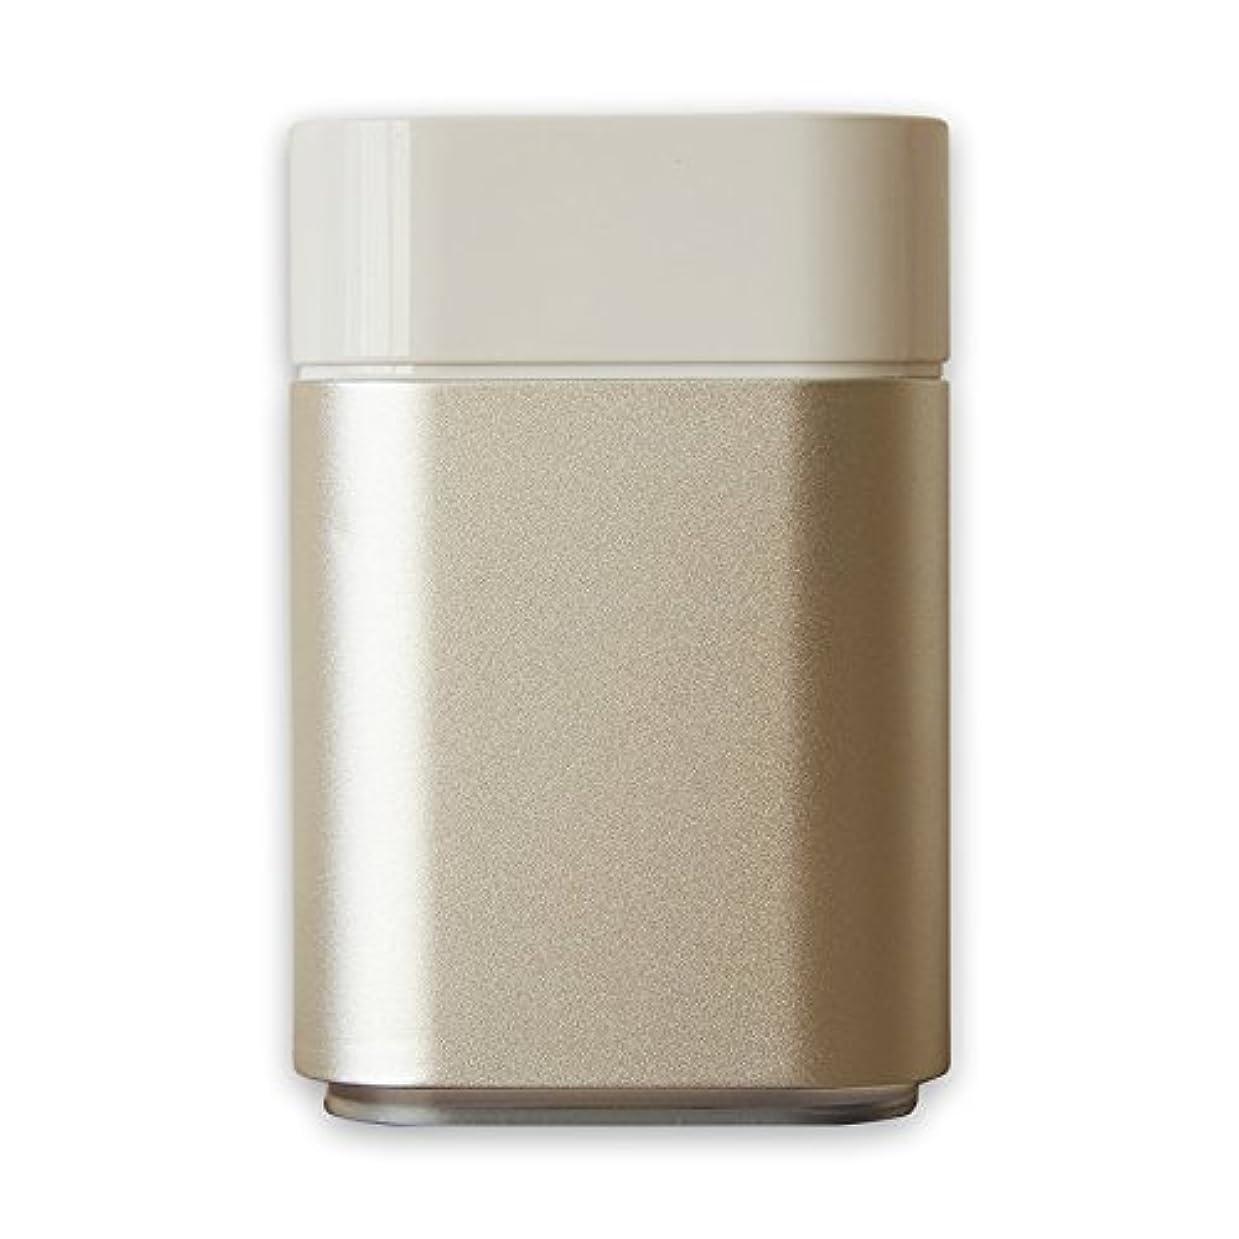 水分チューリップ複雑でないアロマディフューザー UR-AROMA04 卓上 小型 Uruon(ウルオン)水を使わない アロマ ネブライザー式 水なし ダイレクトオイル 製油瓶直噴式 超音波式 USB 卓上 油性 水性 静音 アロマオイル